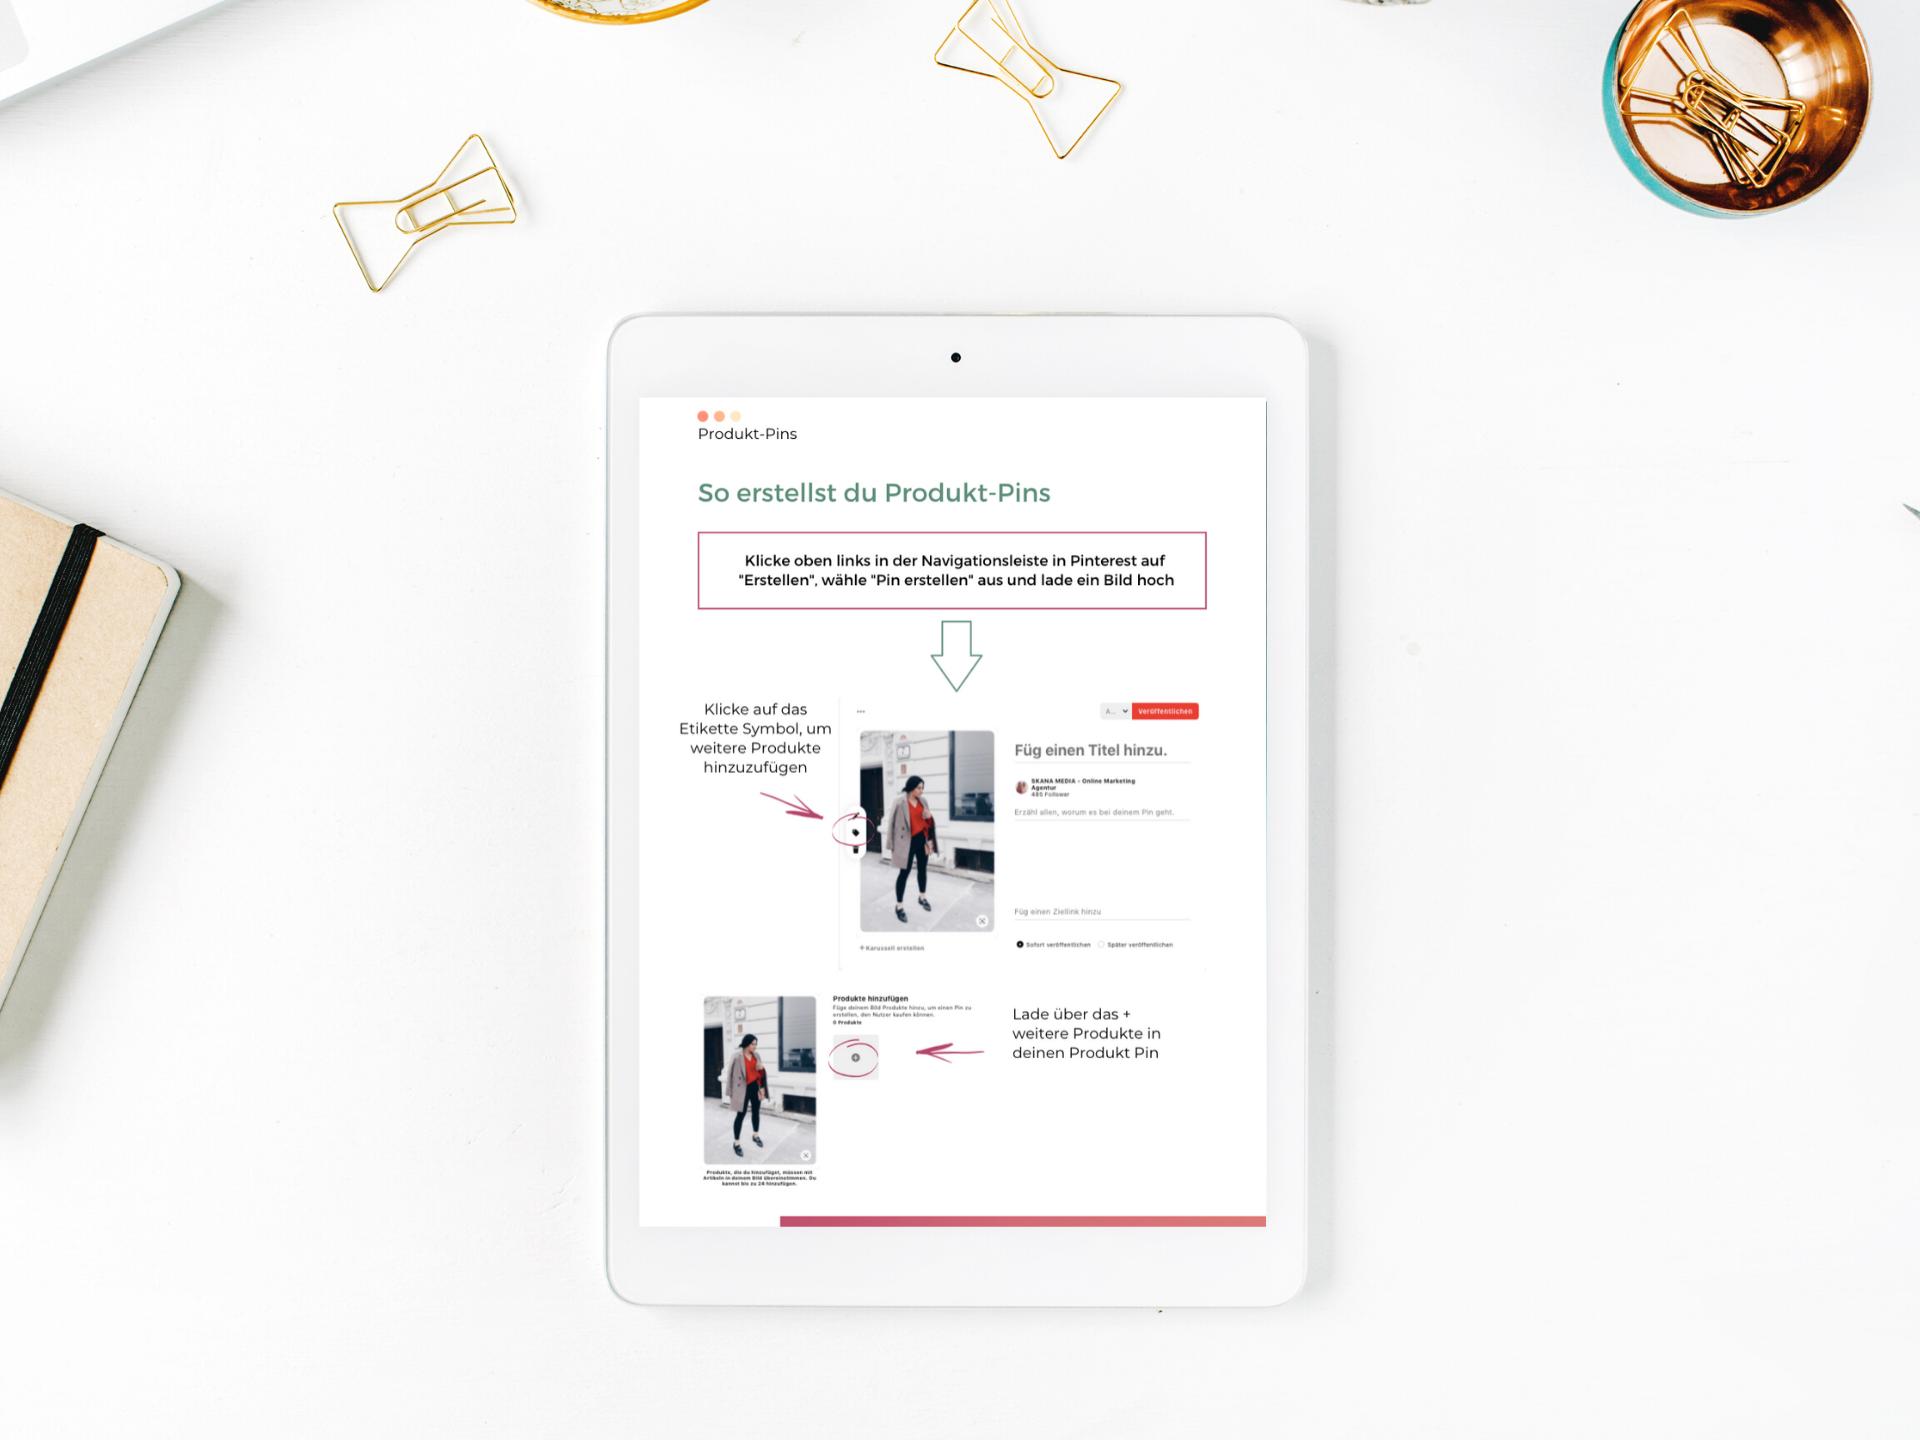 Produkt Pins in Pinterest hochladen - eine ausführliche kostenlose Anleitung